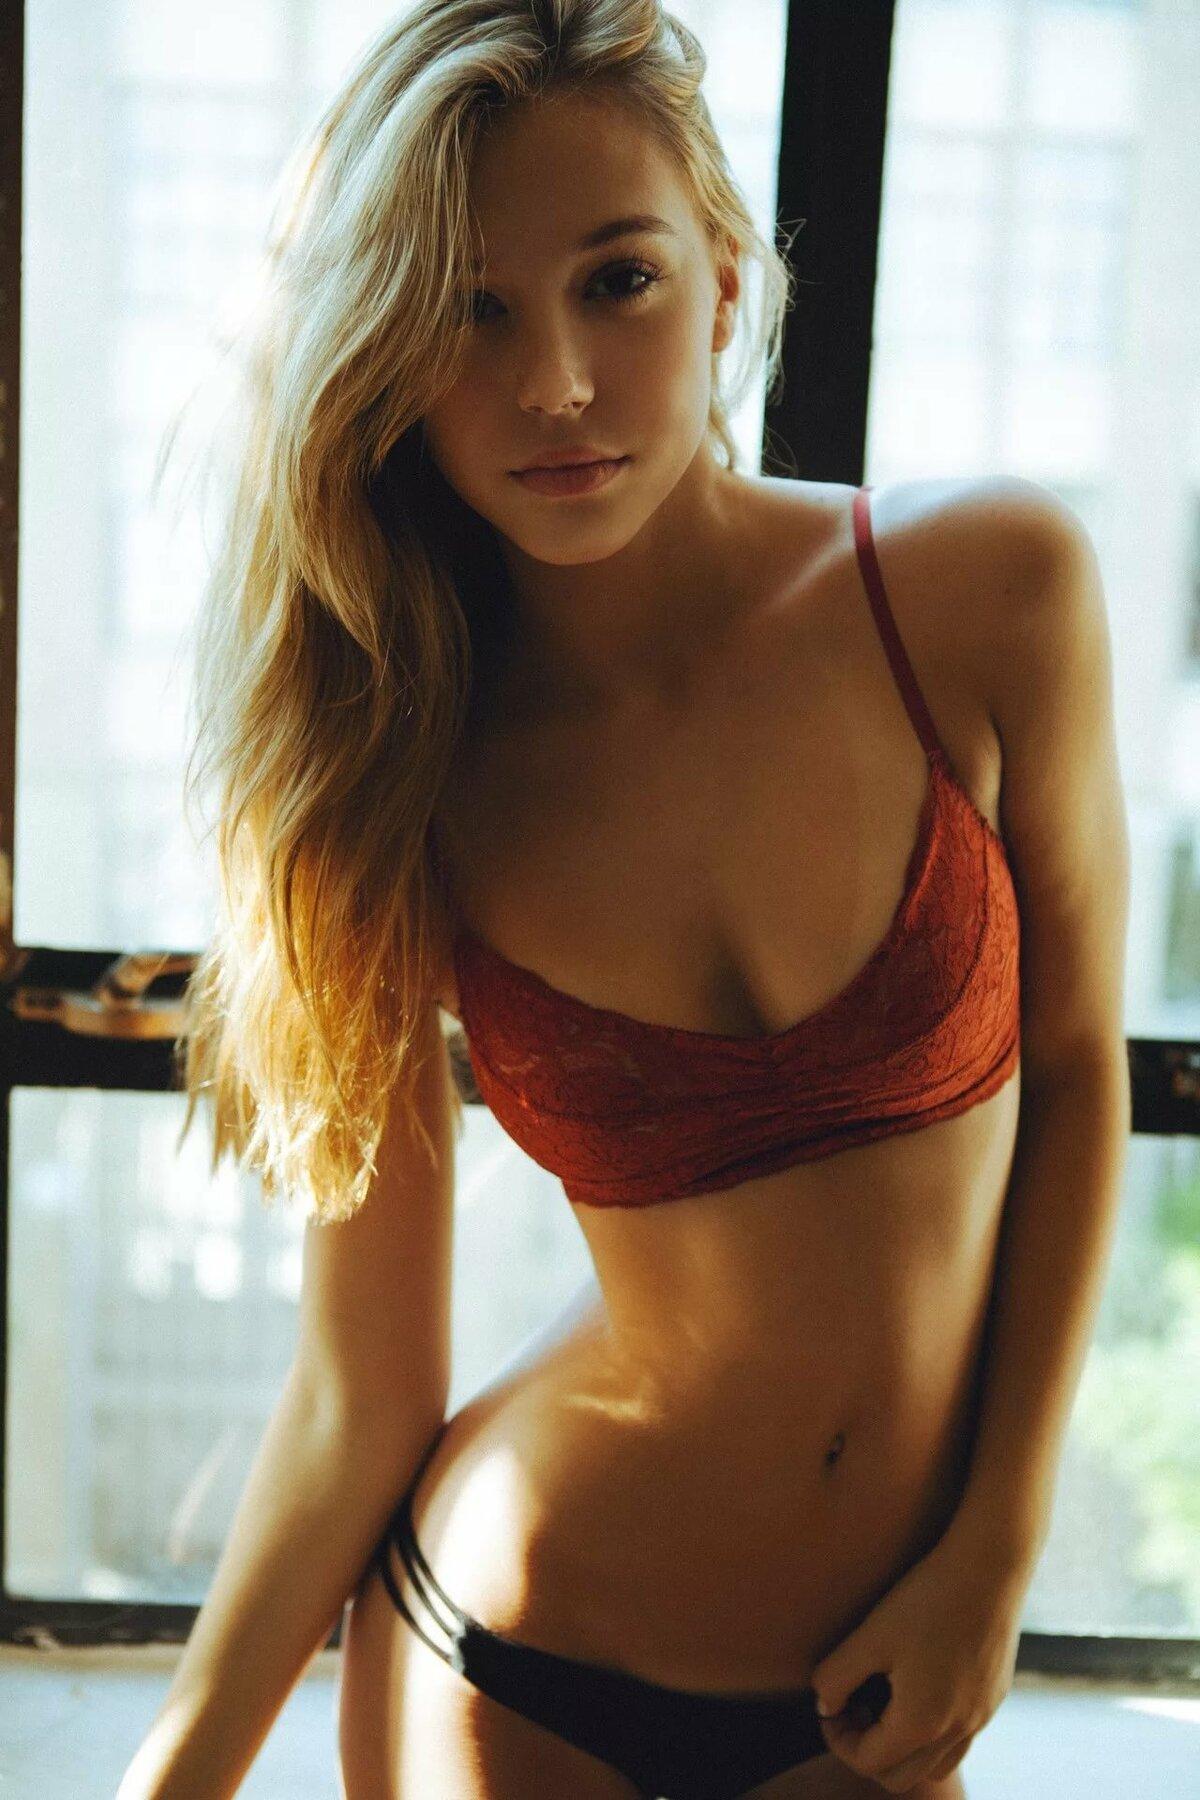 Sexiest petite nude blonde gif